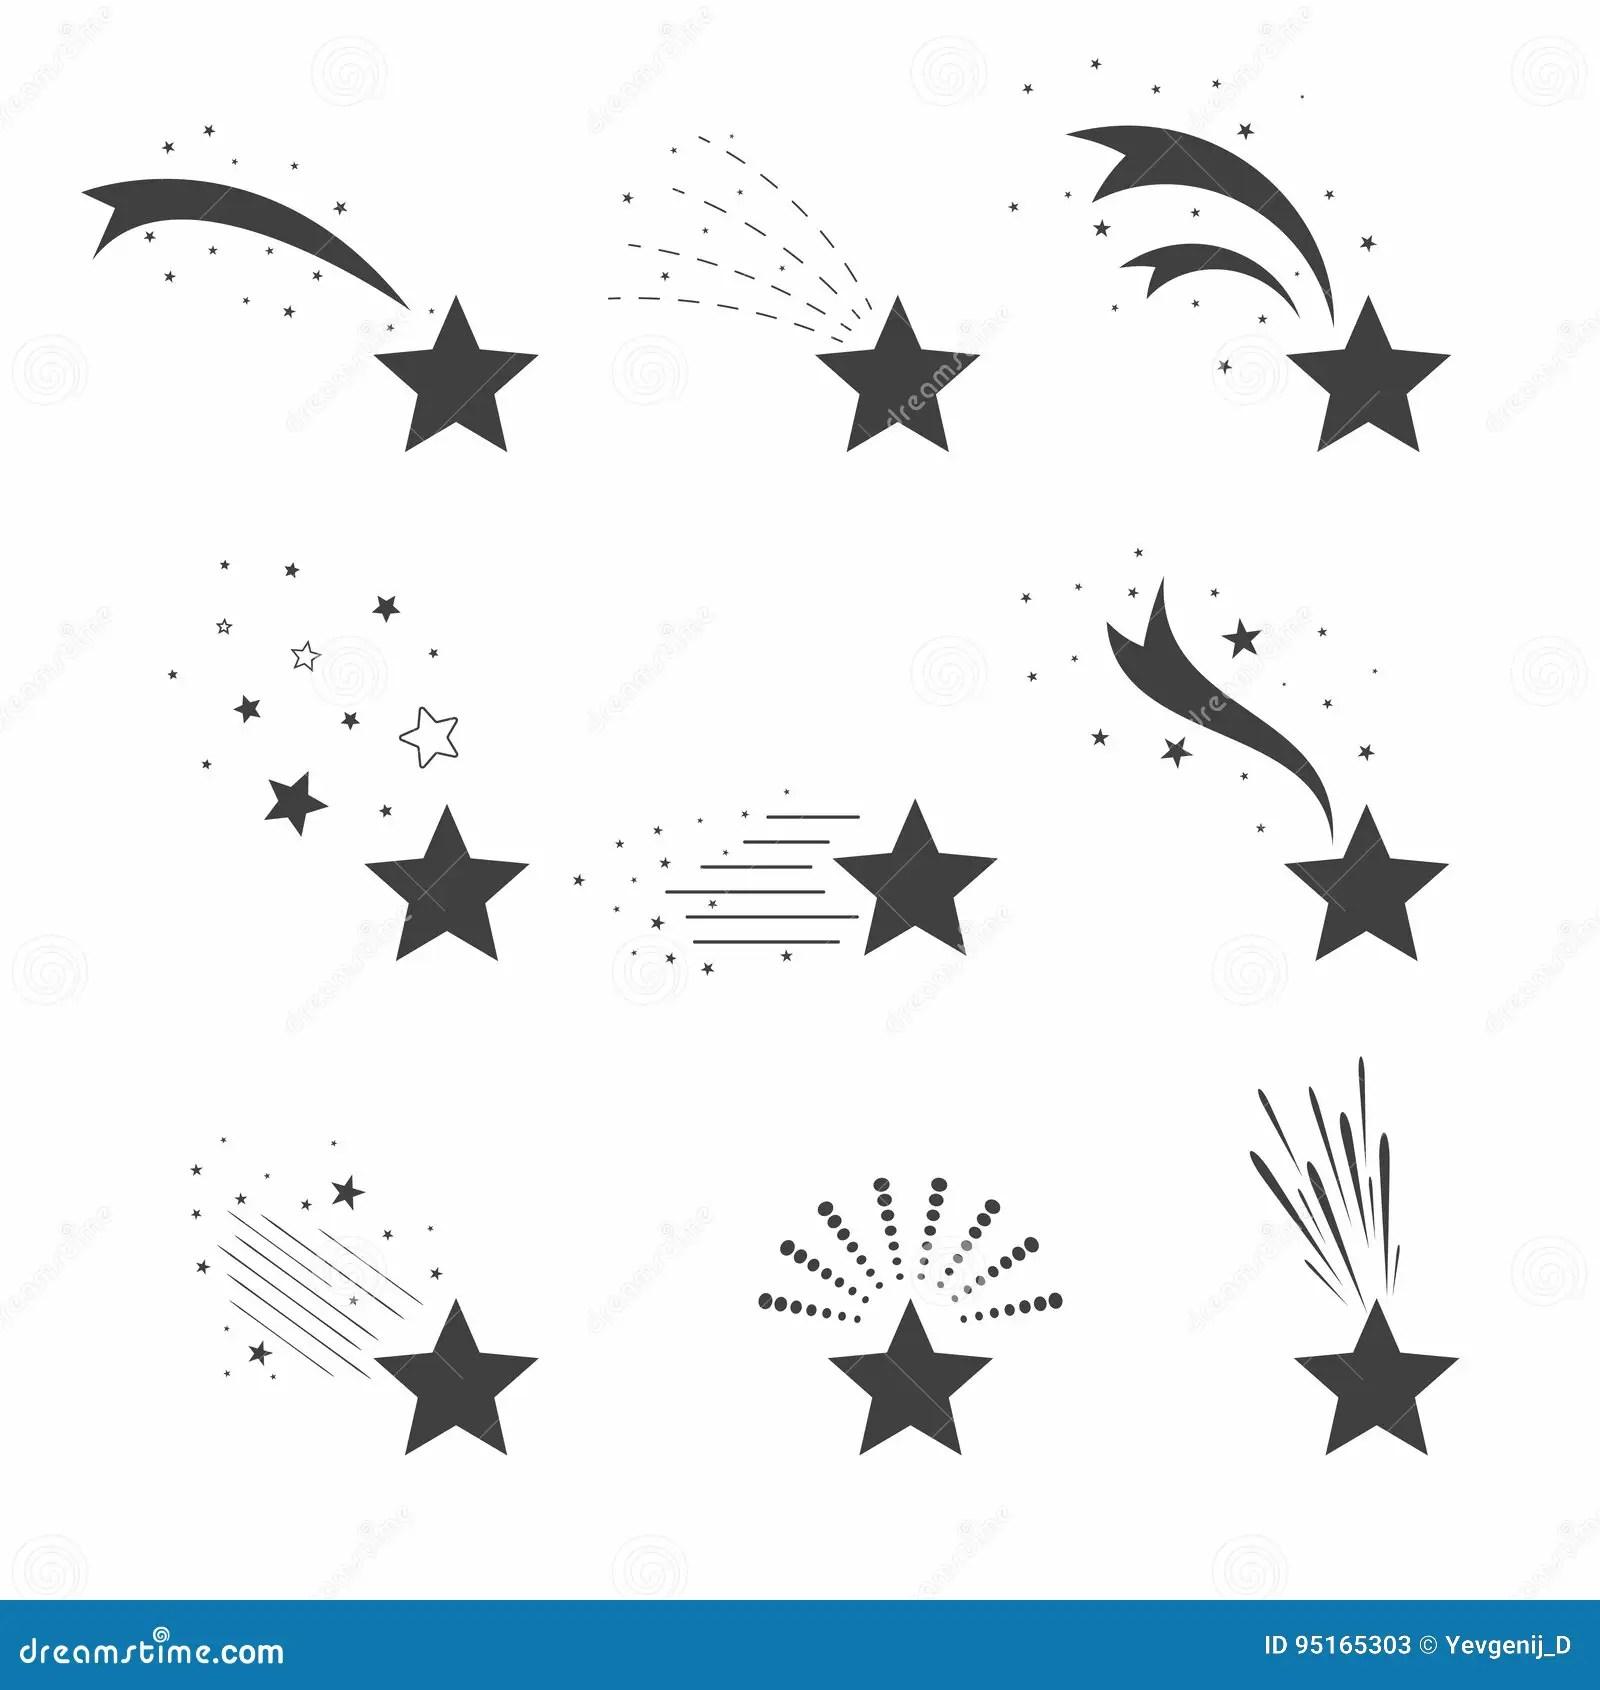 Skjuta Symboler For Fallande Stjarnor Symboler Av Meteoriter Och Komet Fallande Stjarnor Med